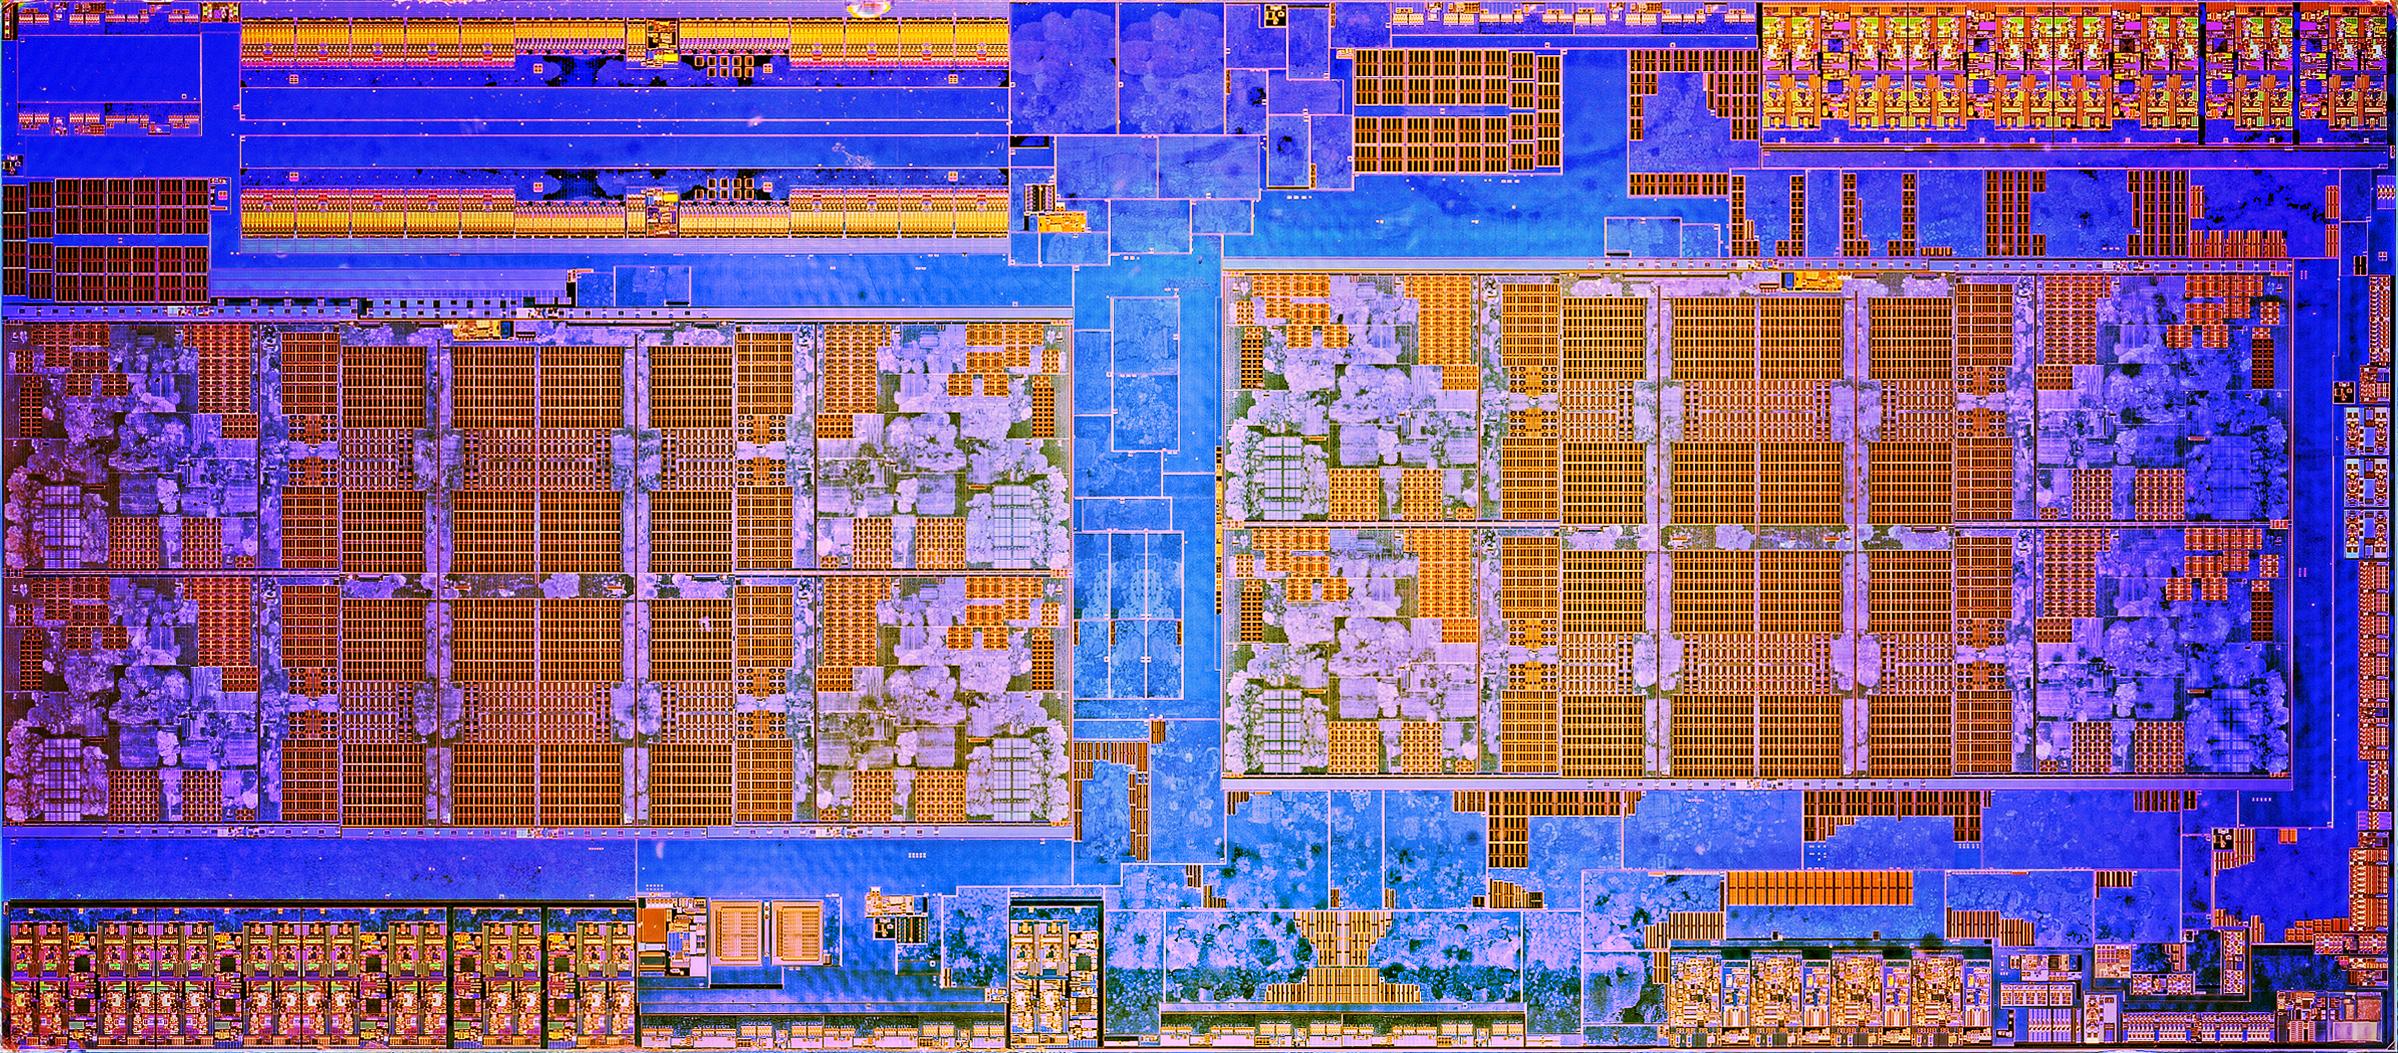 """Ryzen 7 1800X im Test: """"AMD ist endlich zurück"""" - Die-Shot von Zeppelin (Bild: AMD)"""